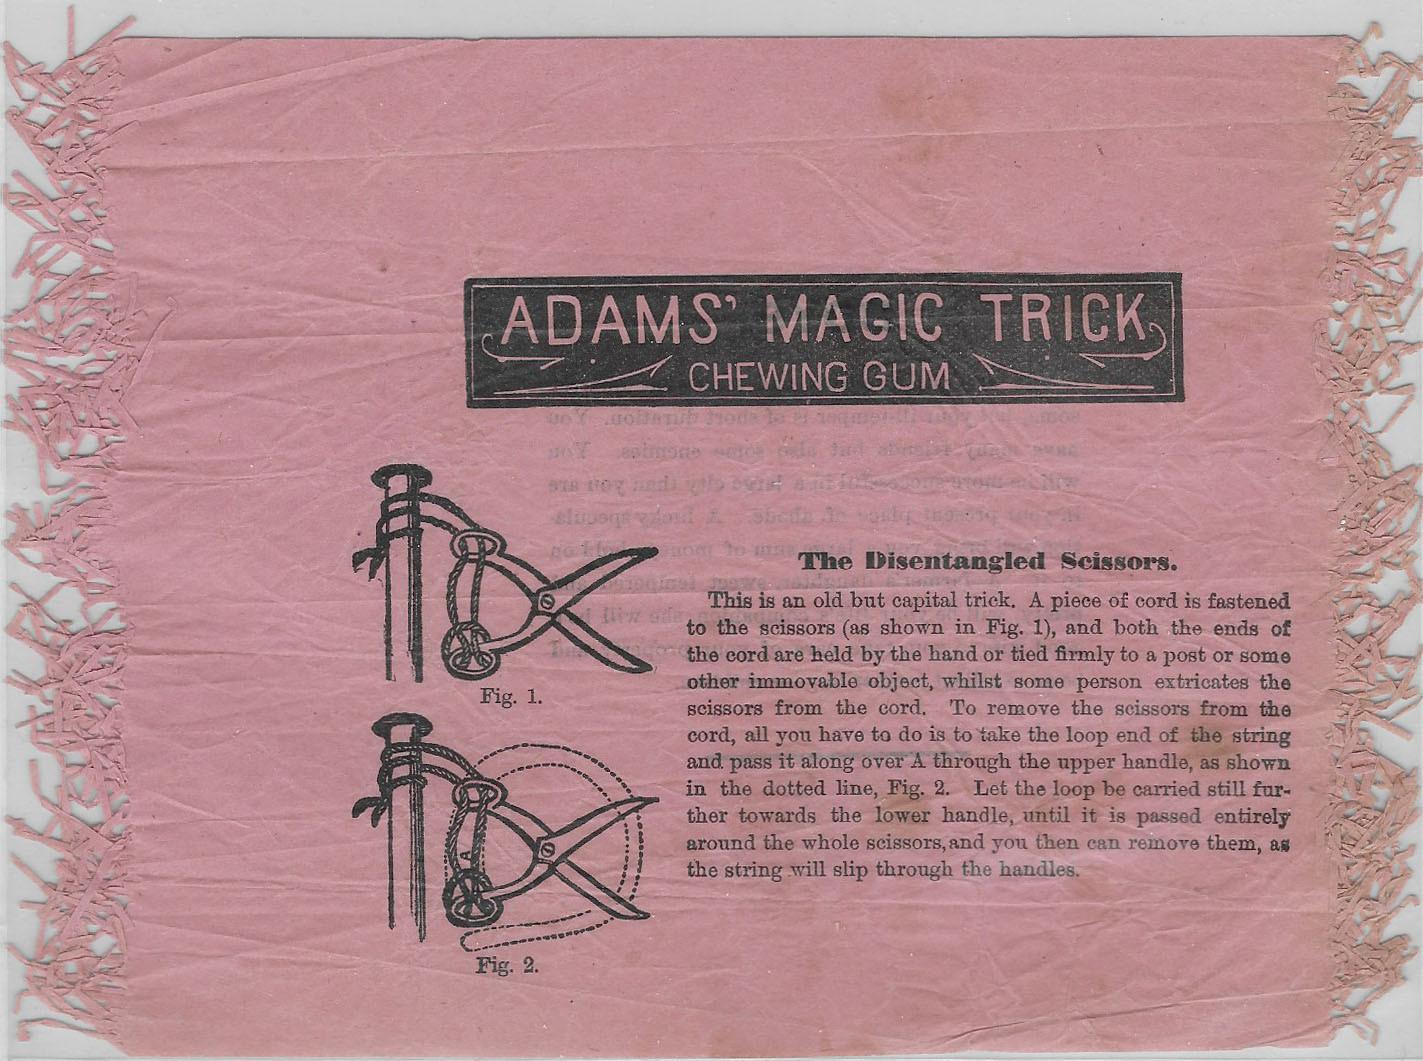 Adams Magic Trick wrapper.jpeg